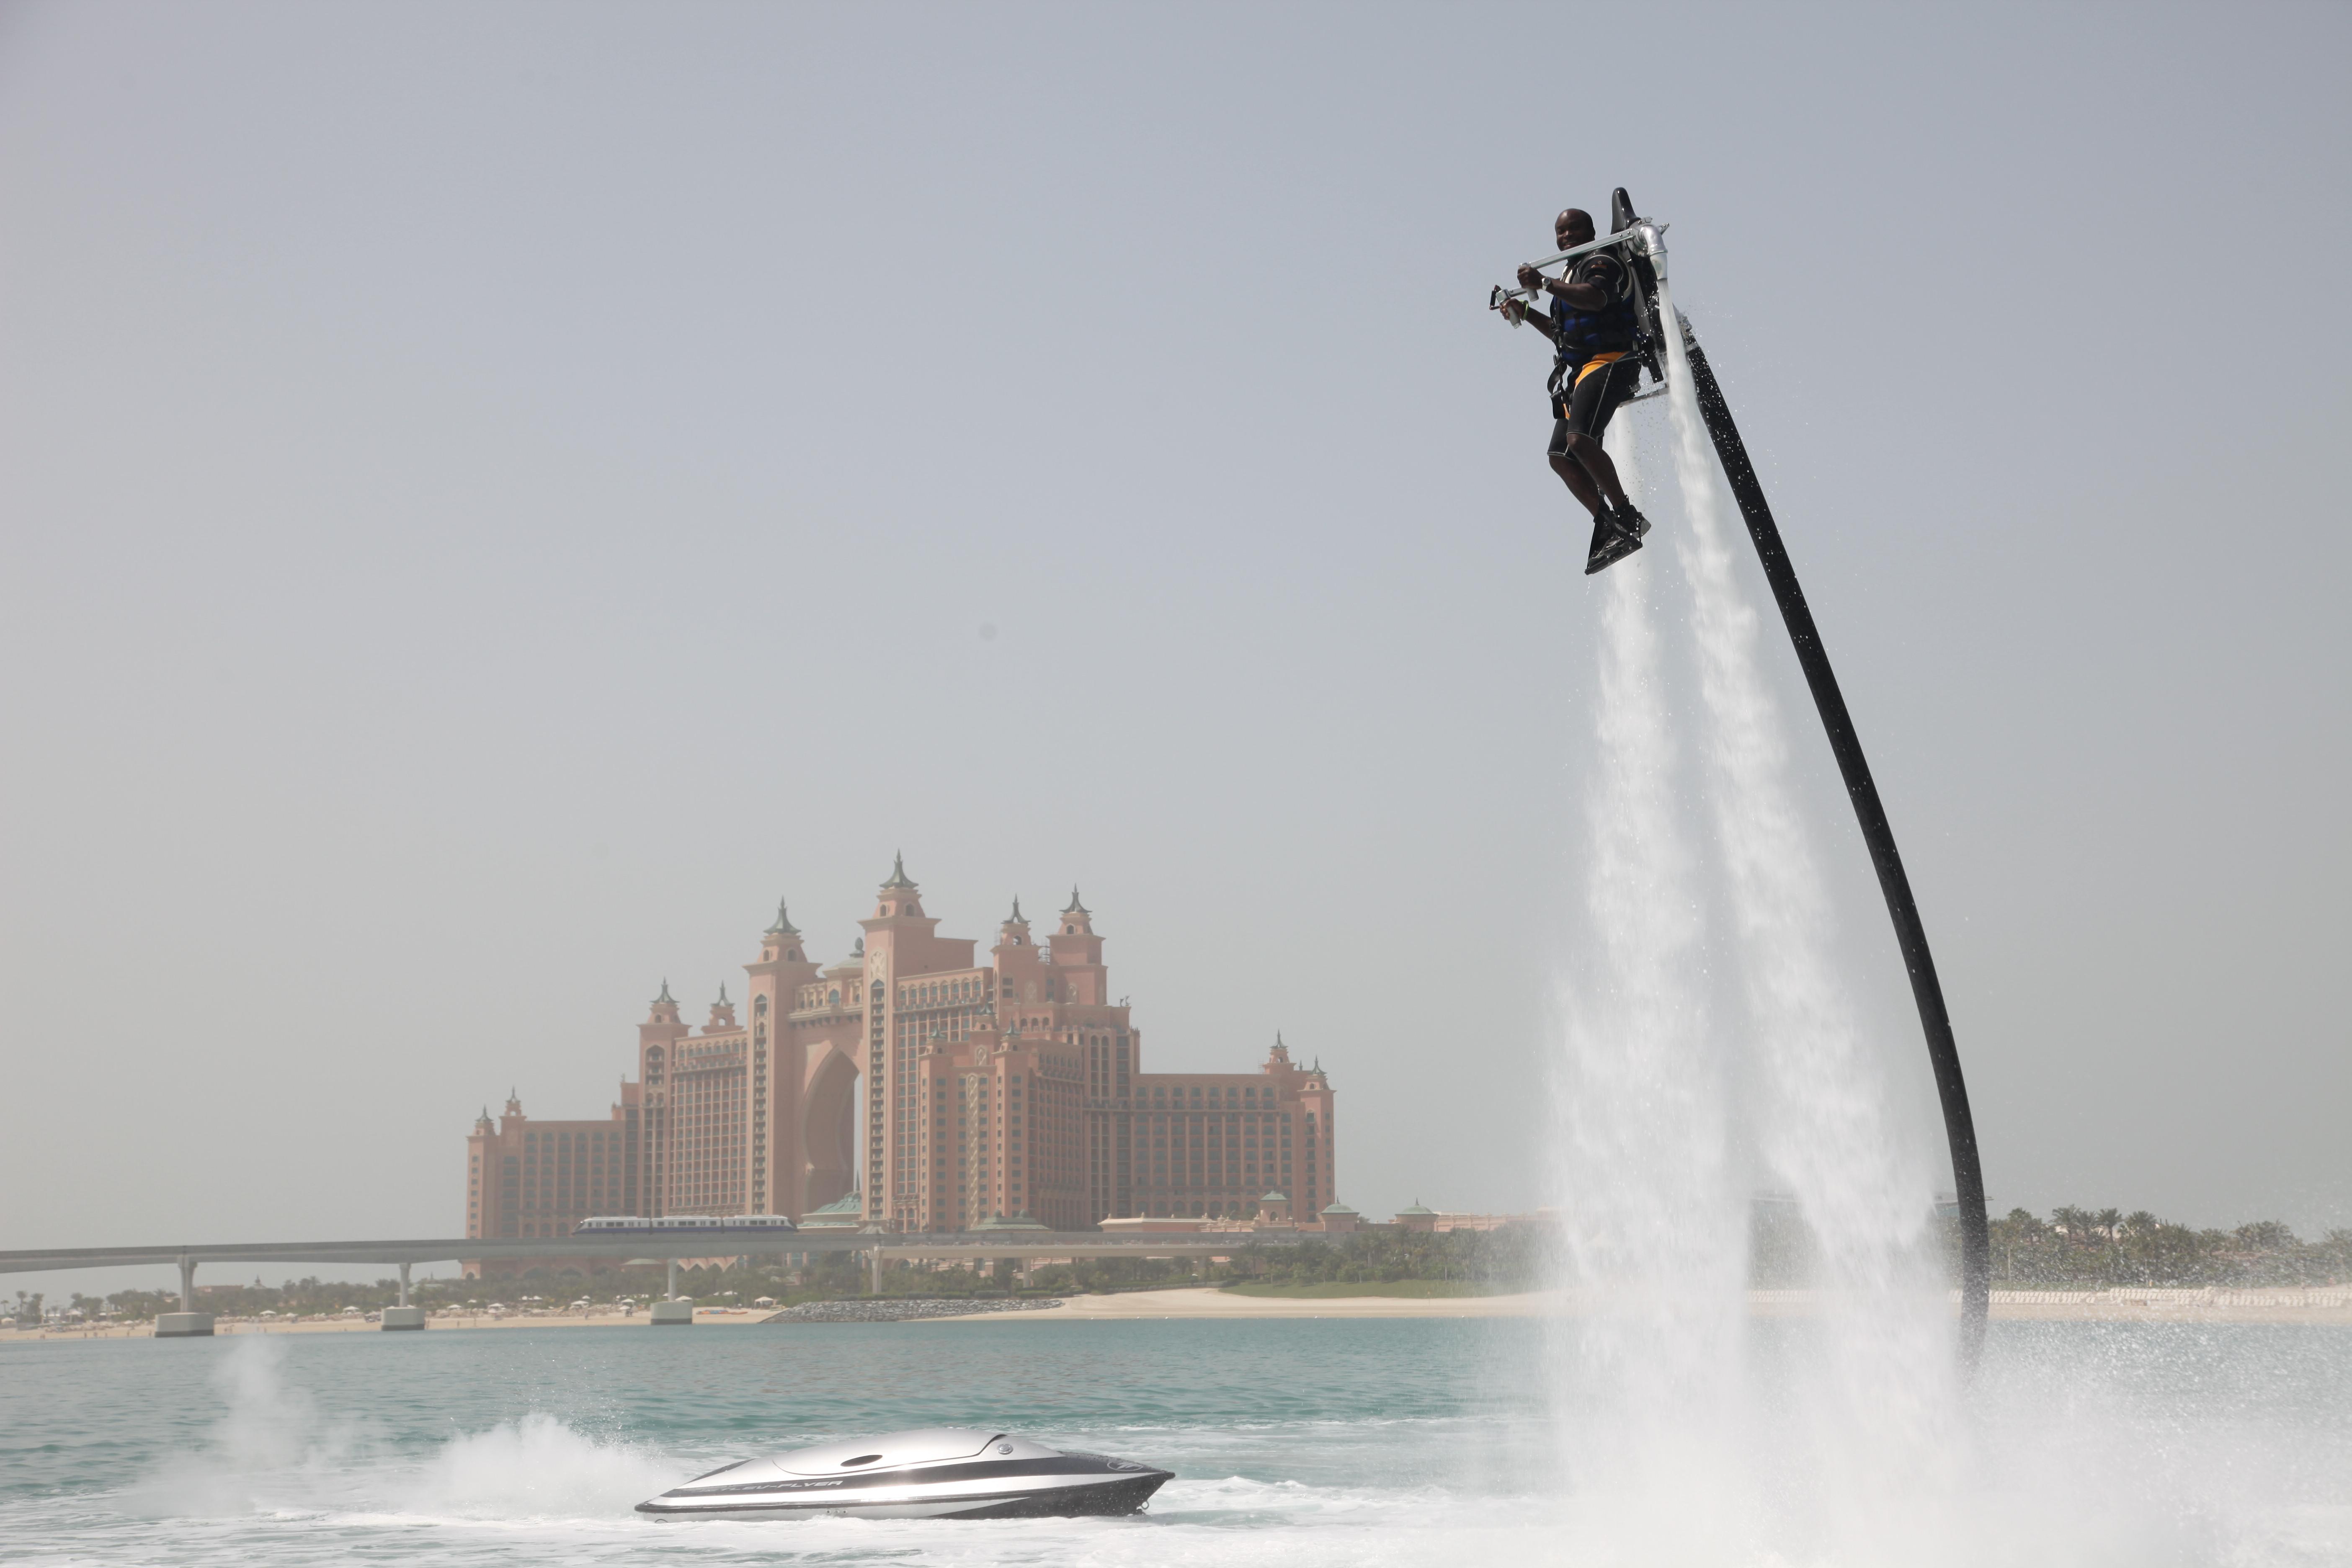 The-latest-superyacht-toy-Jetlev-Flyer-i